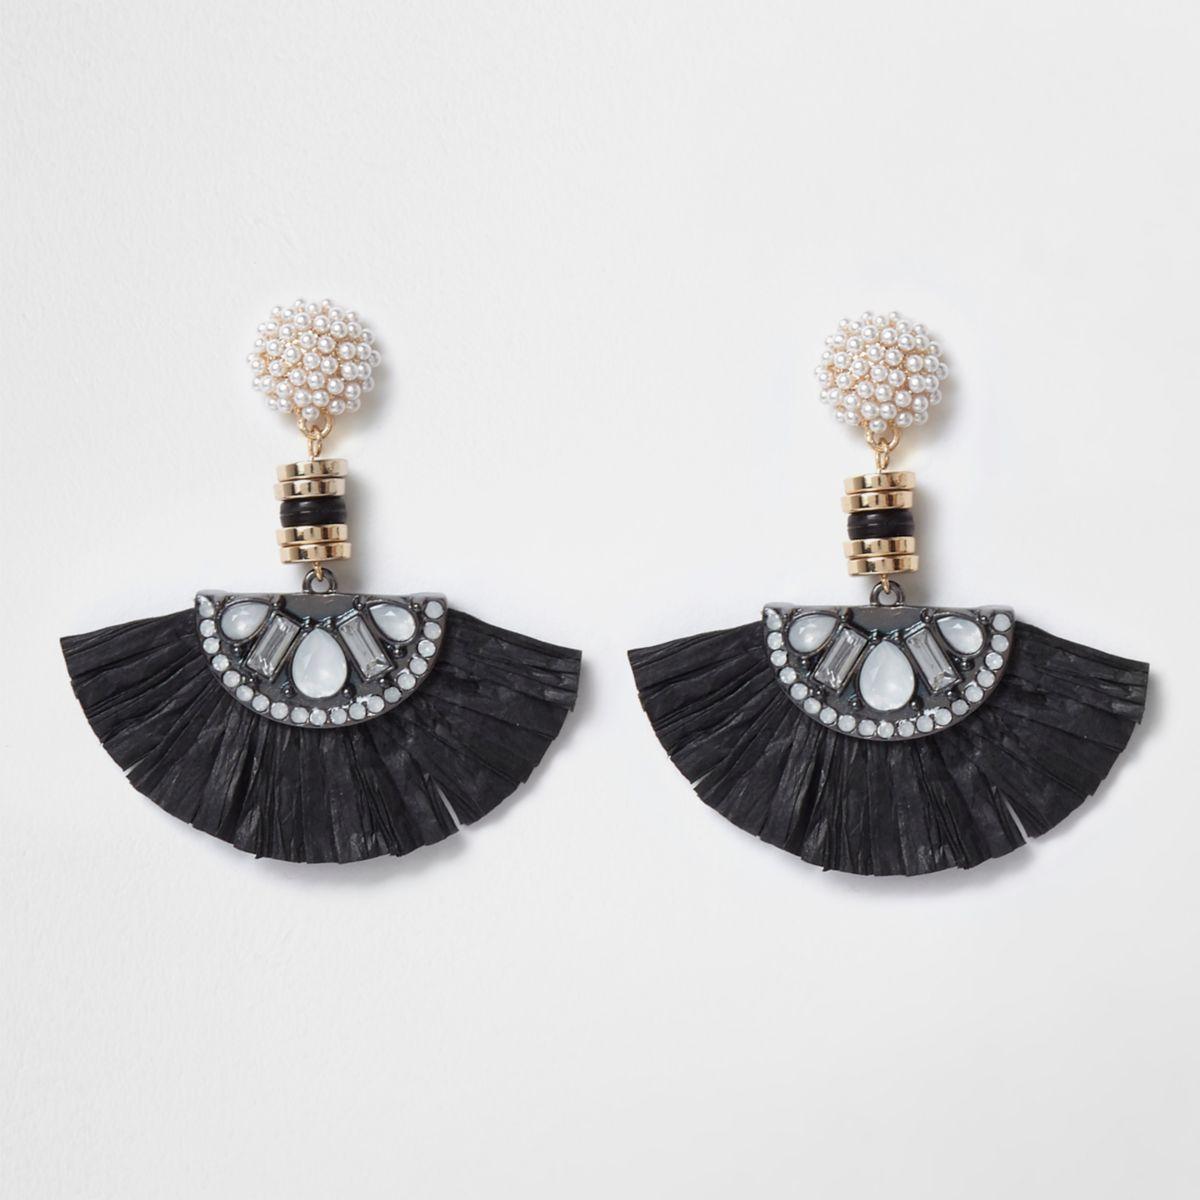 Black faux pearl raffia fan drop earrings